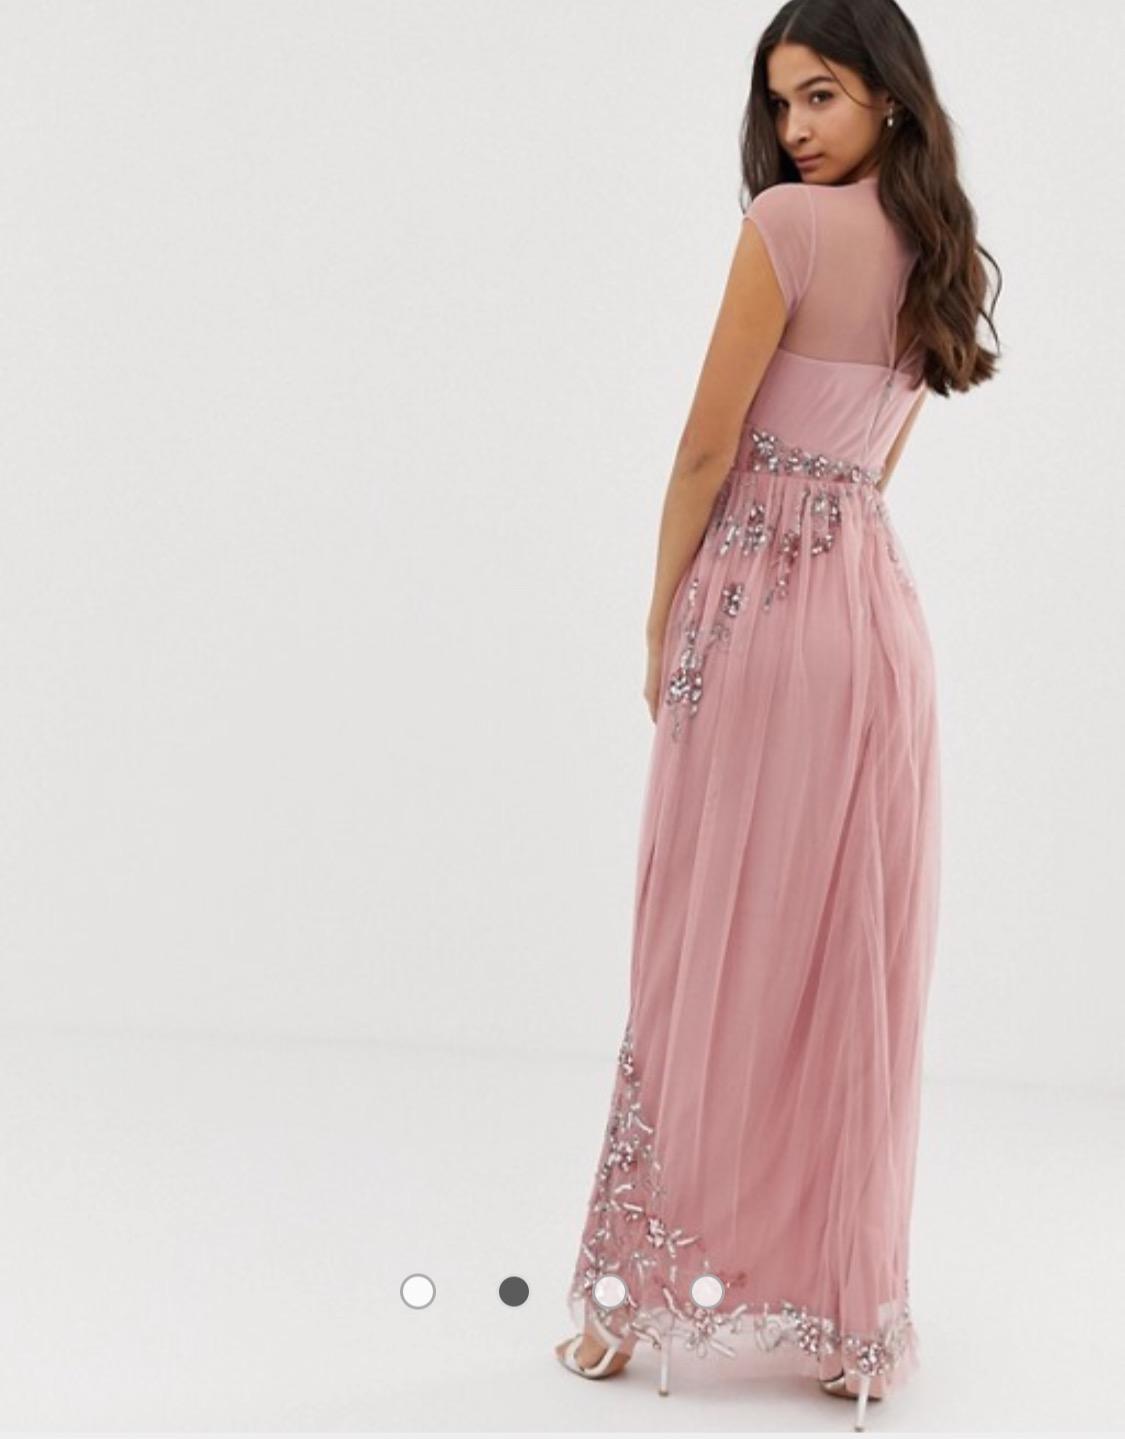 šaty Nika s jemnými aplikáciami